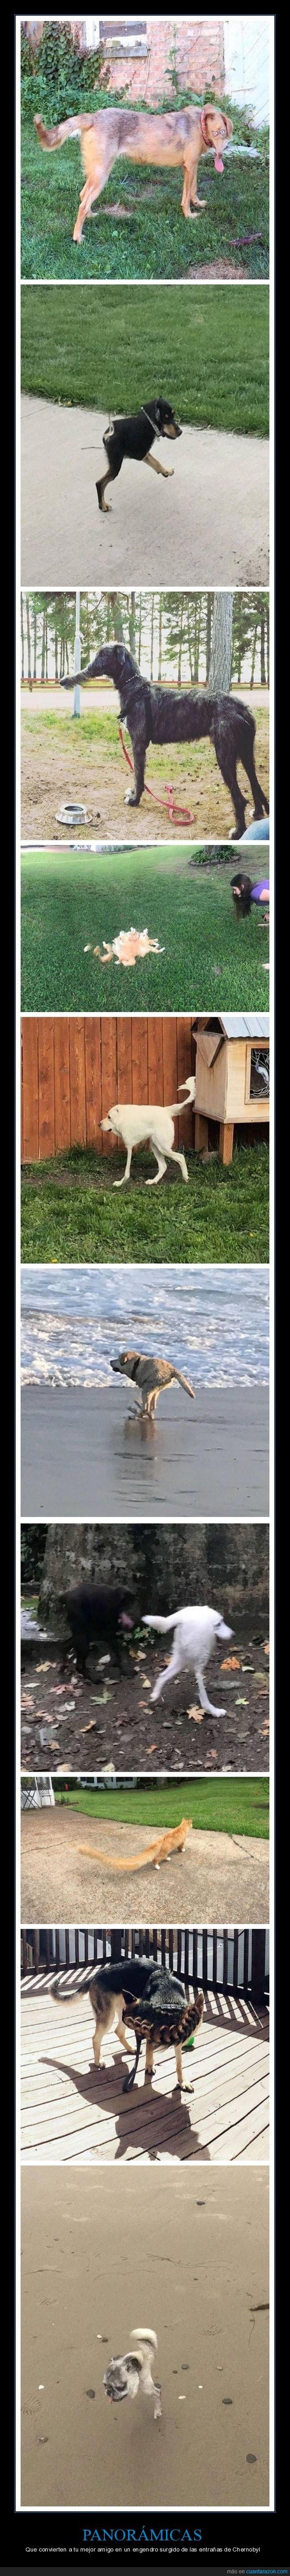 fails,panorámicas,perros